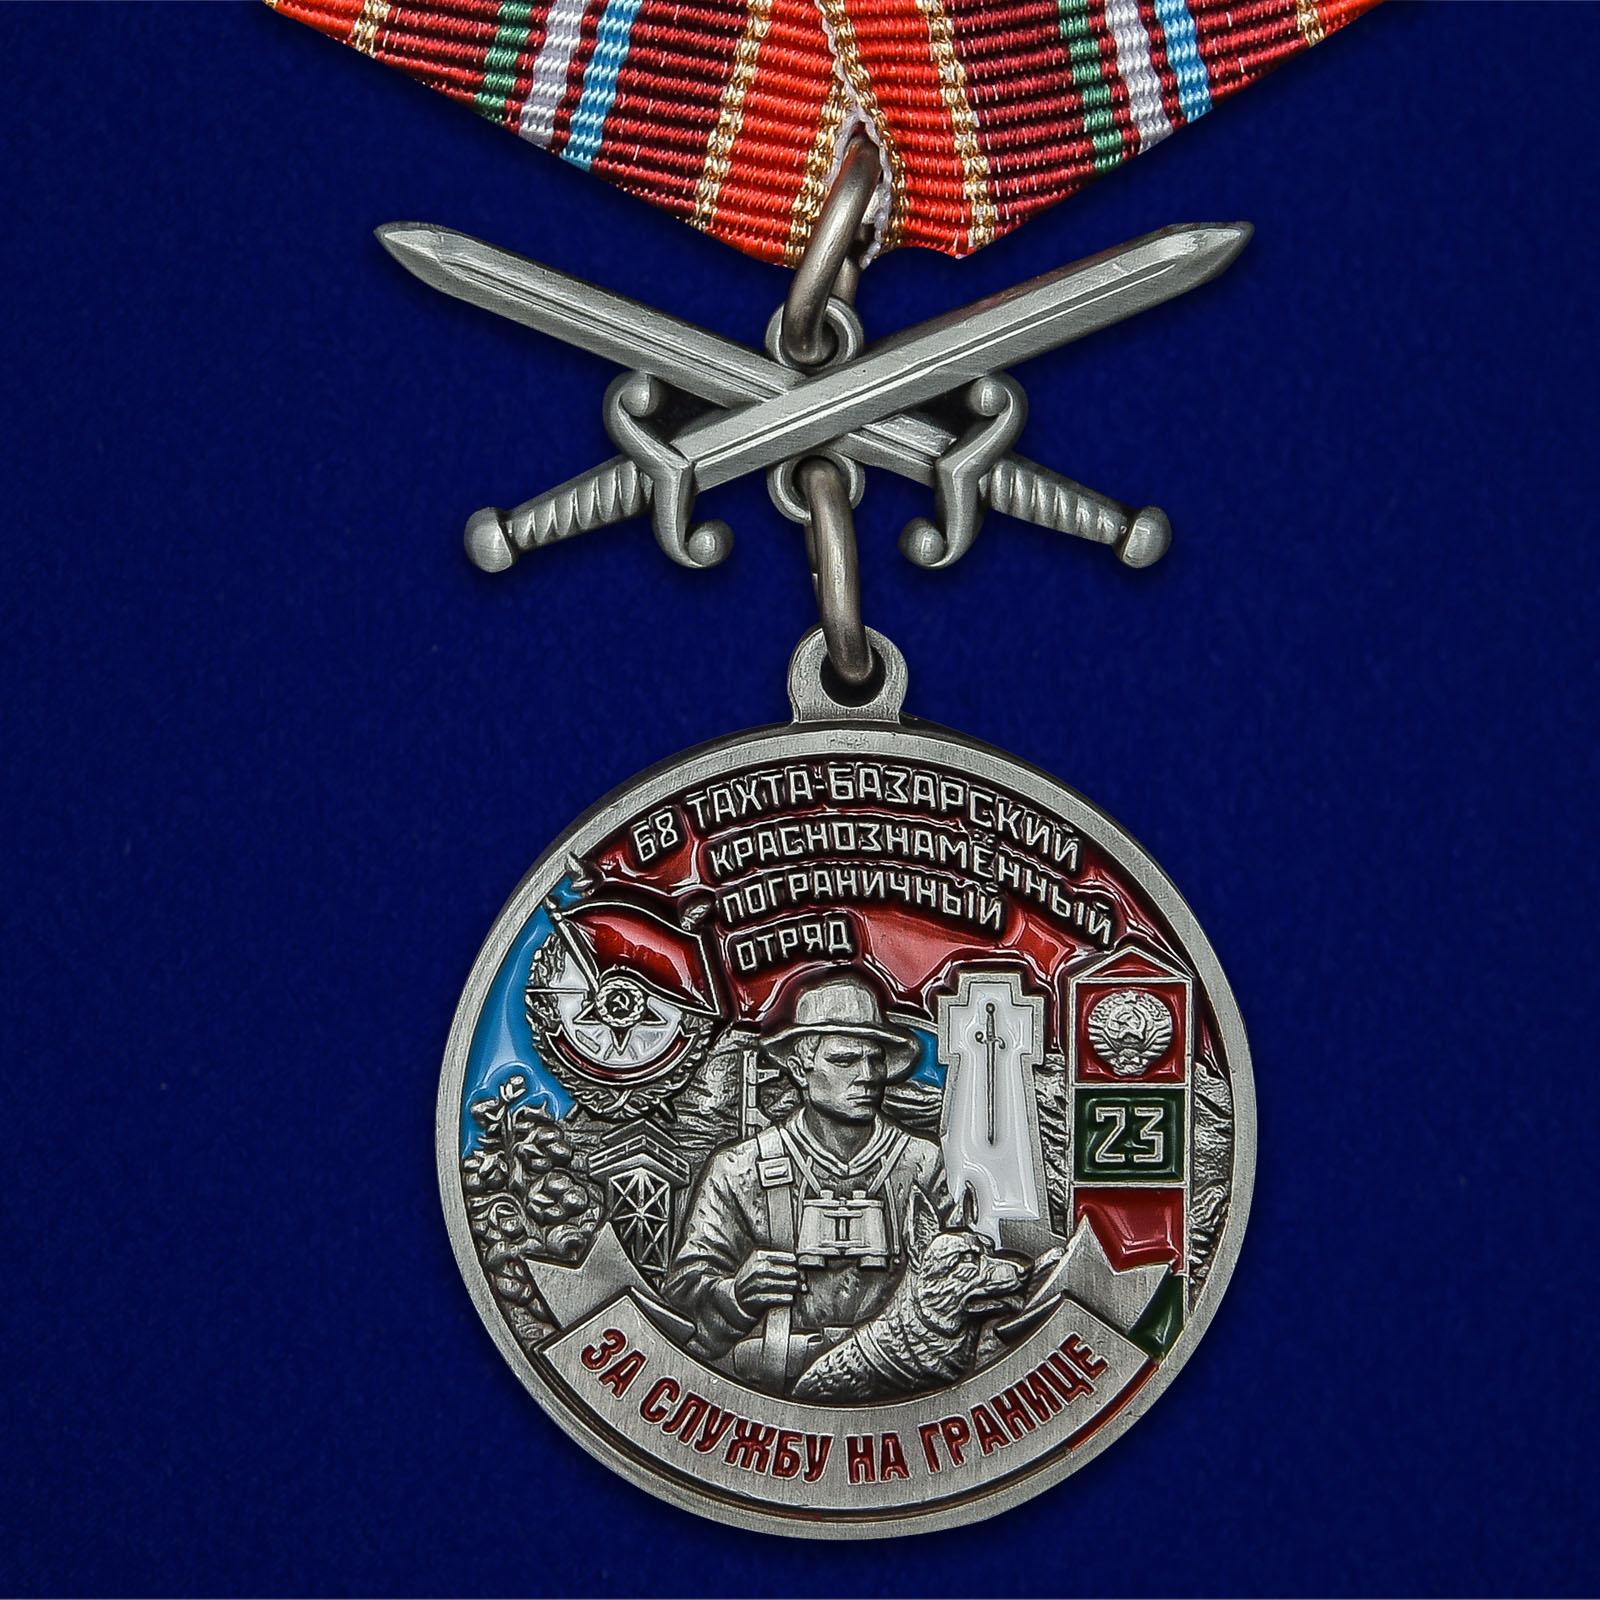 Купить медаль За службу в Тахта-Базарском пограничном отряде на подставке онлайн